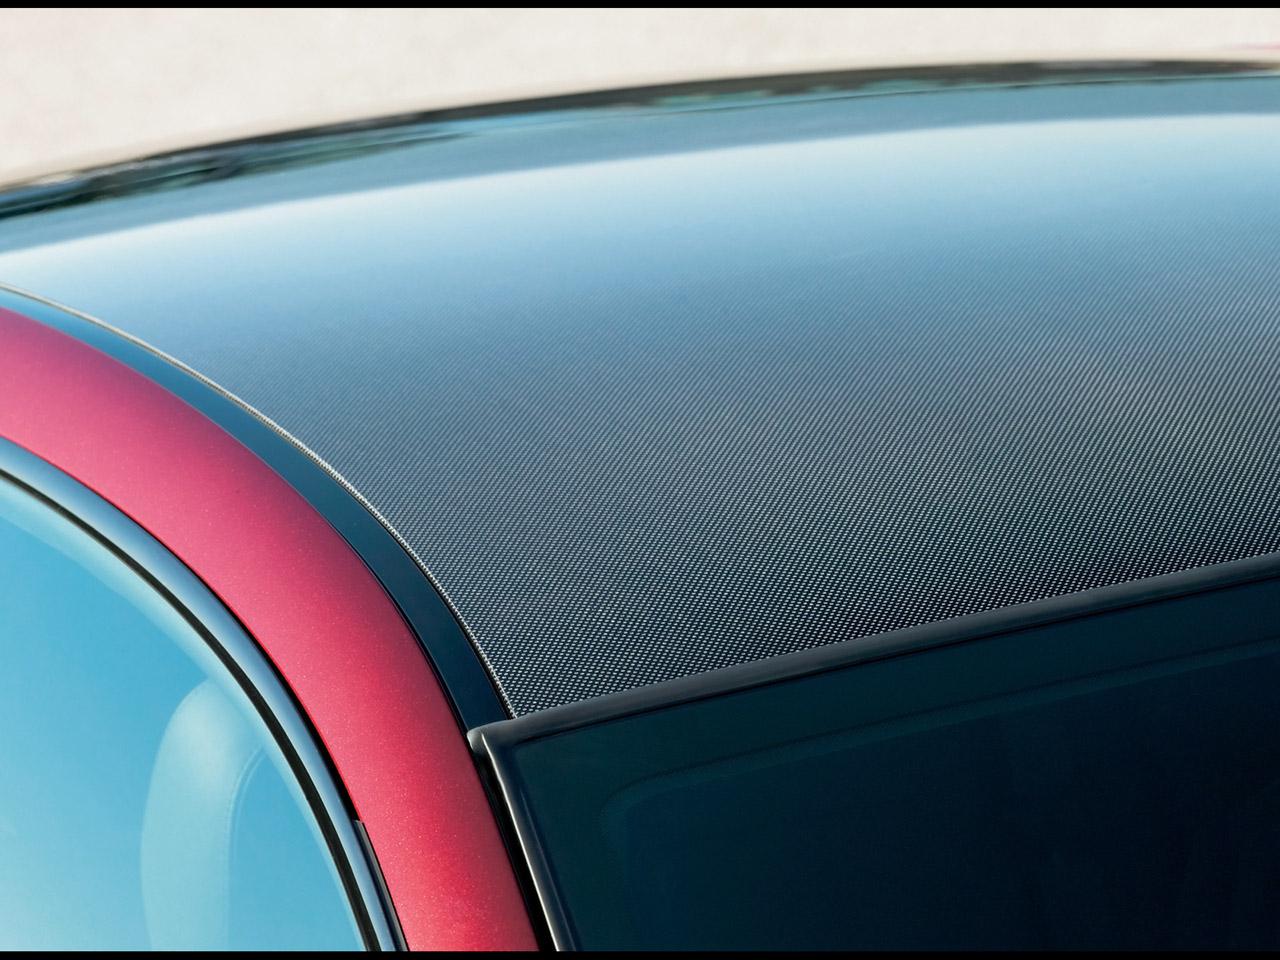 2006 BMW M6 Carbon Fiber Roof 1280x960